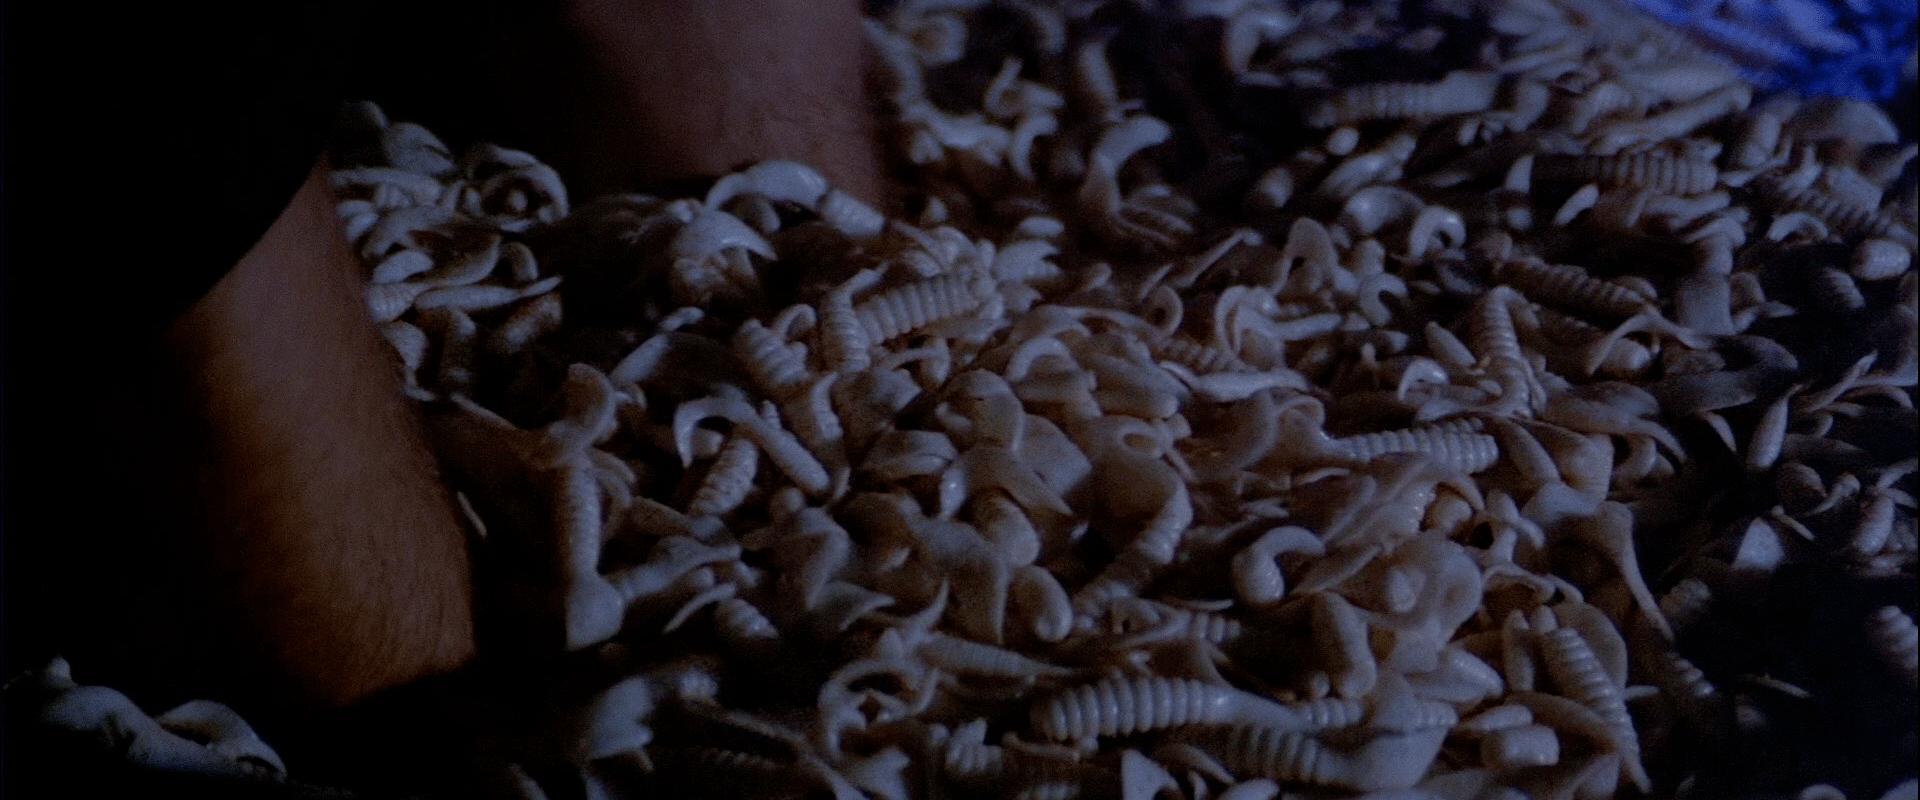 Licence to Kill - maggots